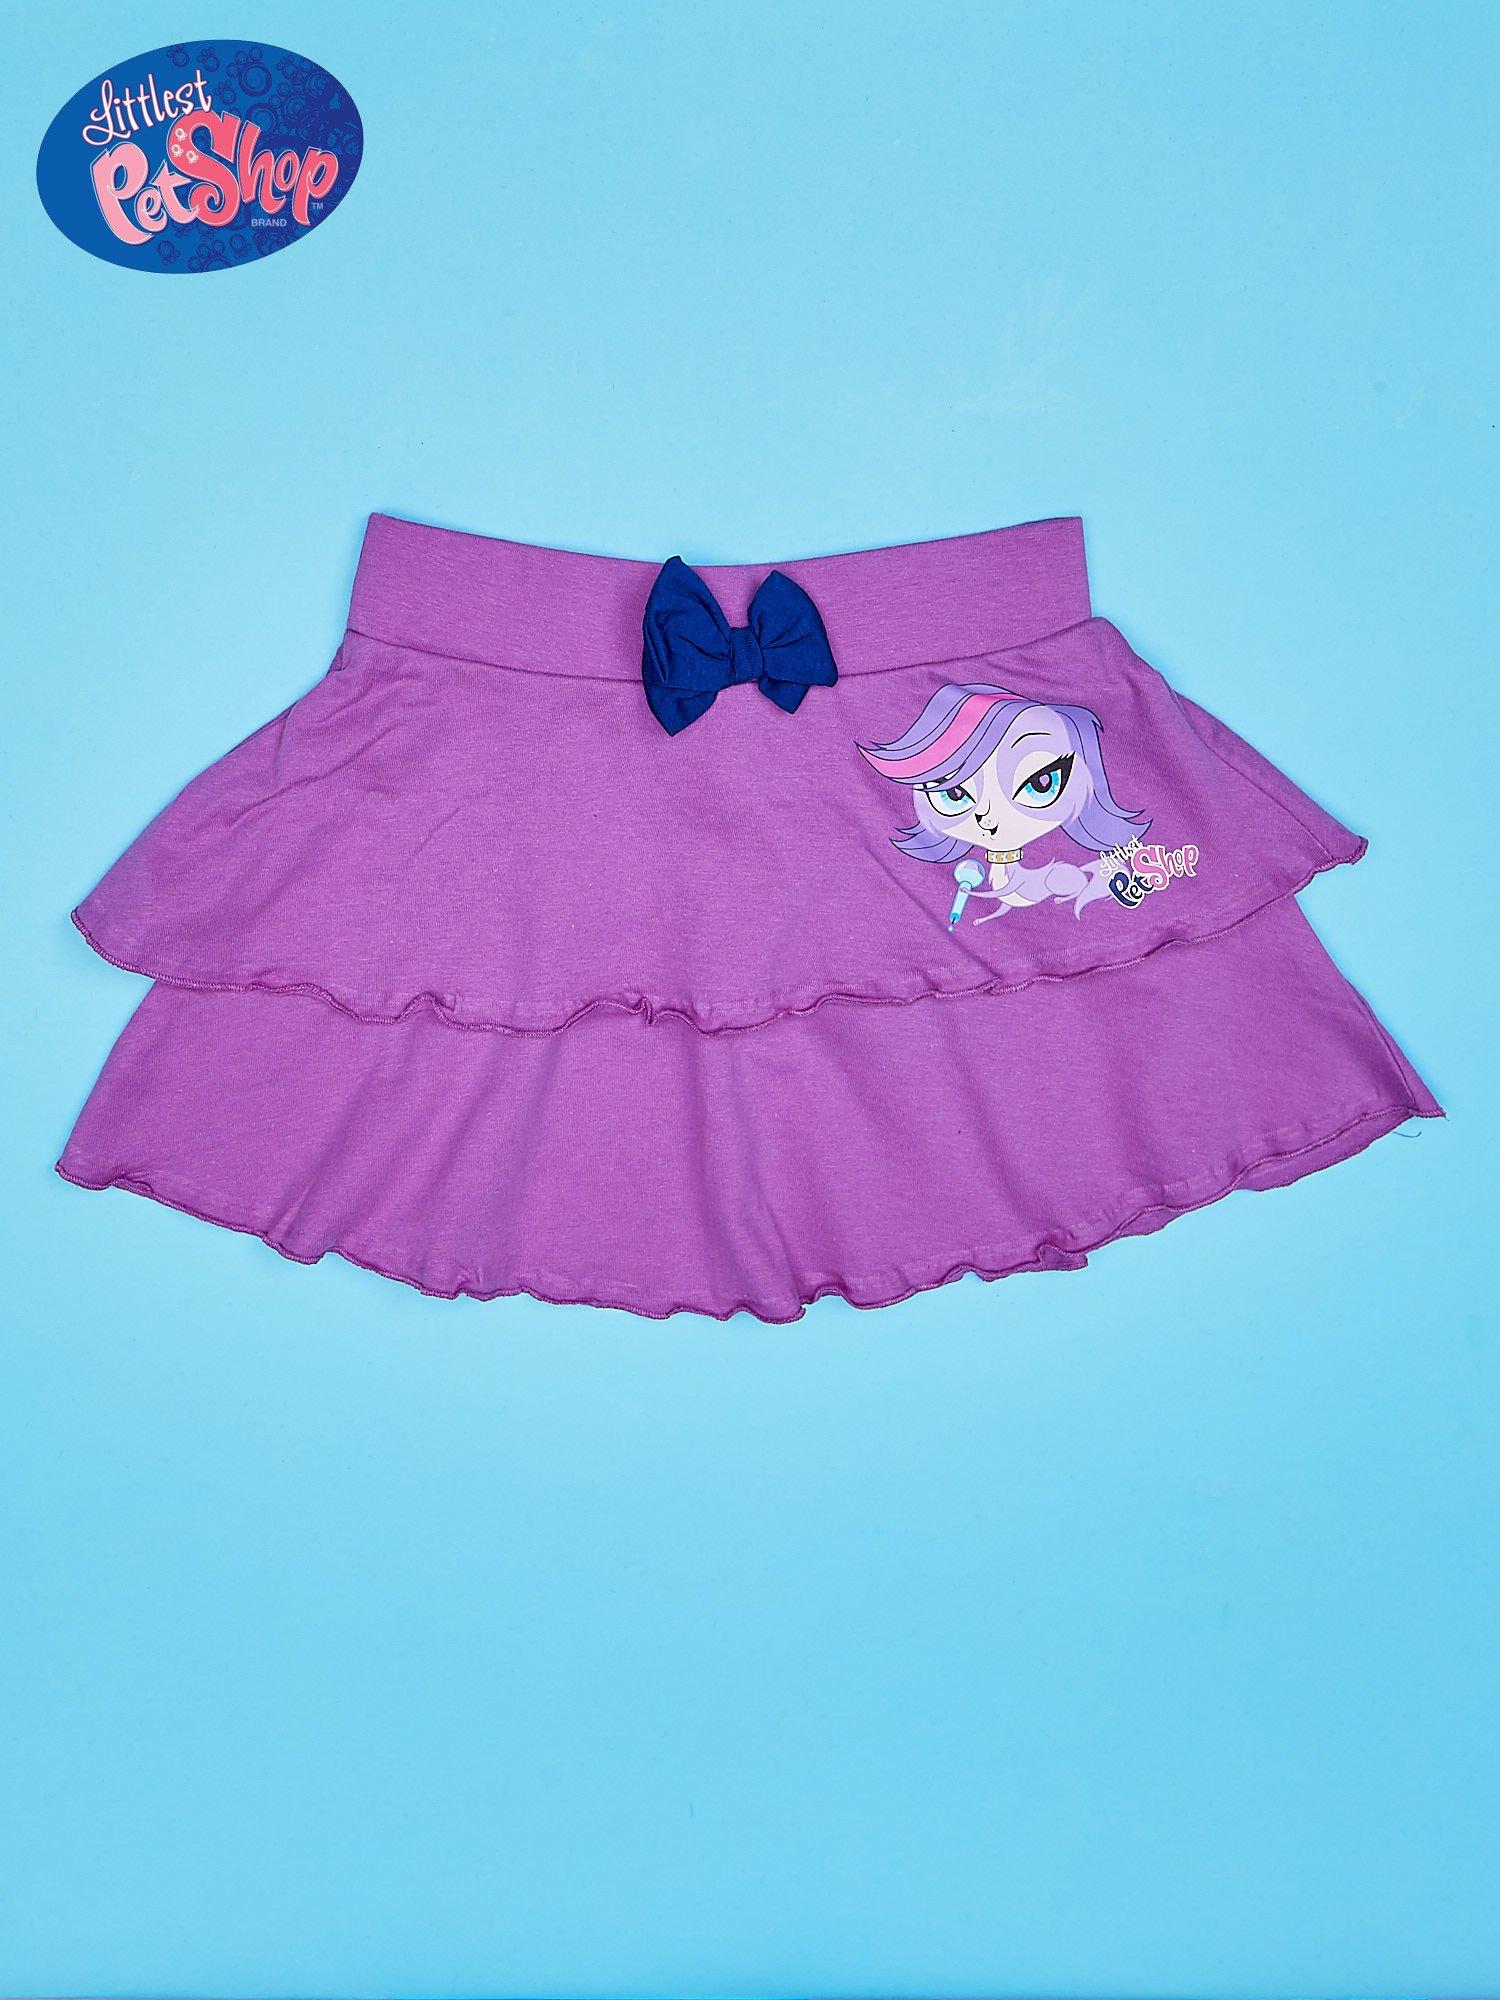 Fioletowa spódnica dla dziewczynki LITTLEST PET SHOP                                  zdj.                                  1